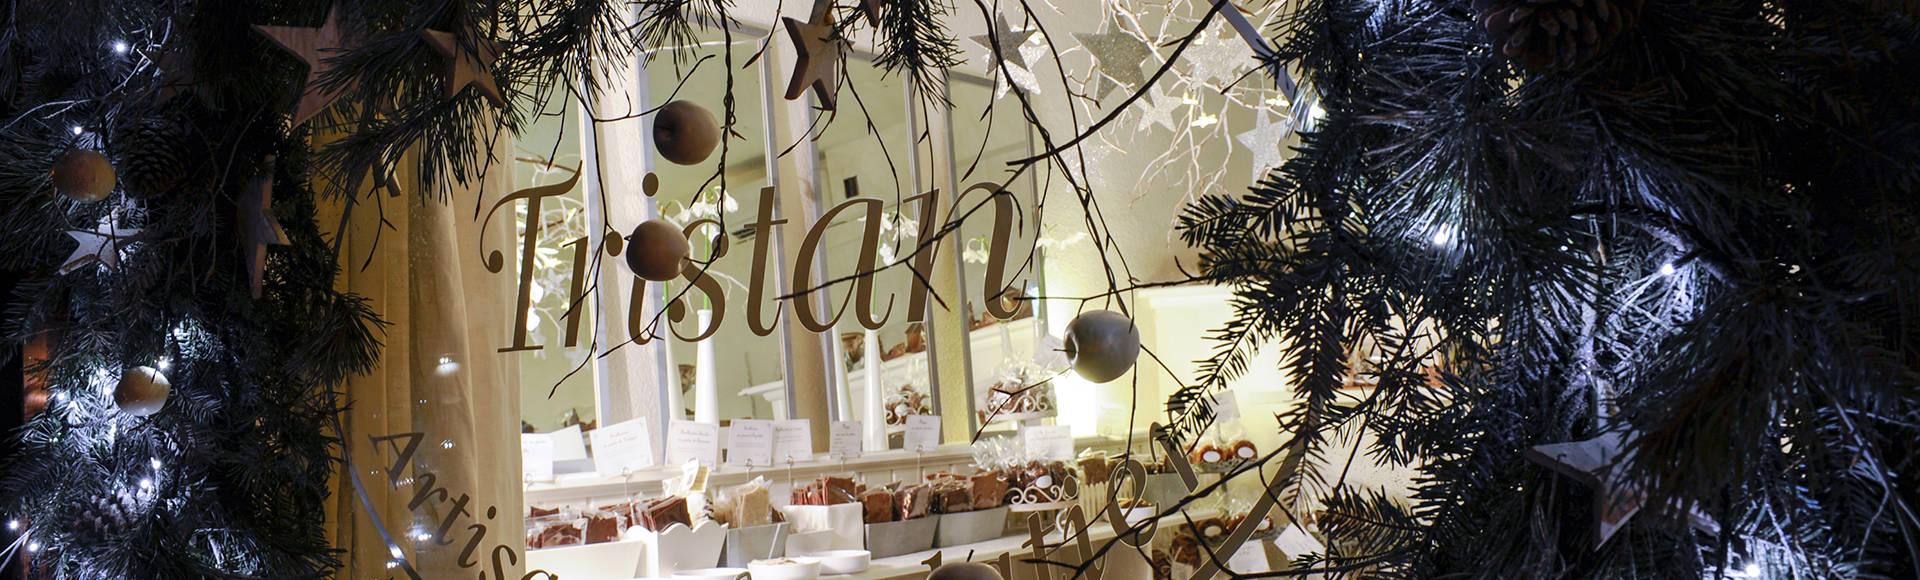 Tristan Chocolatier bannière Noël Boutique2